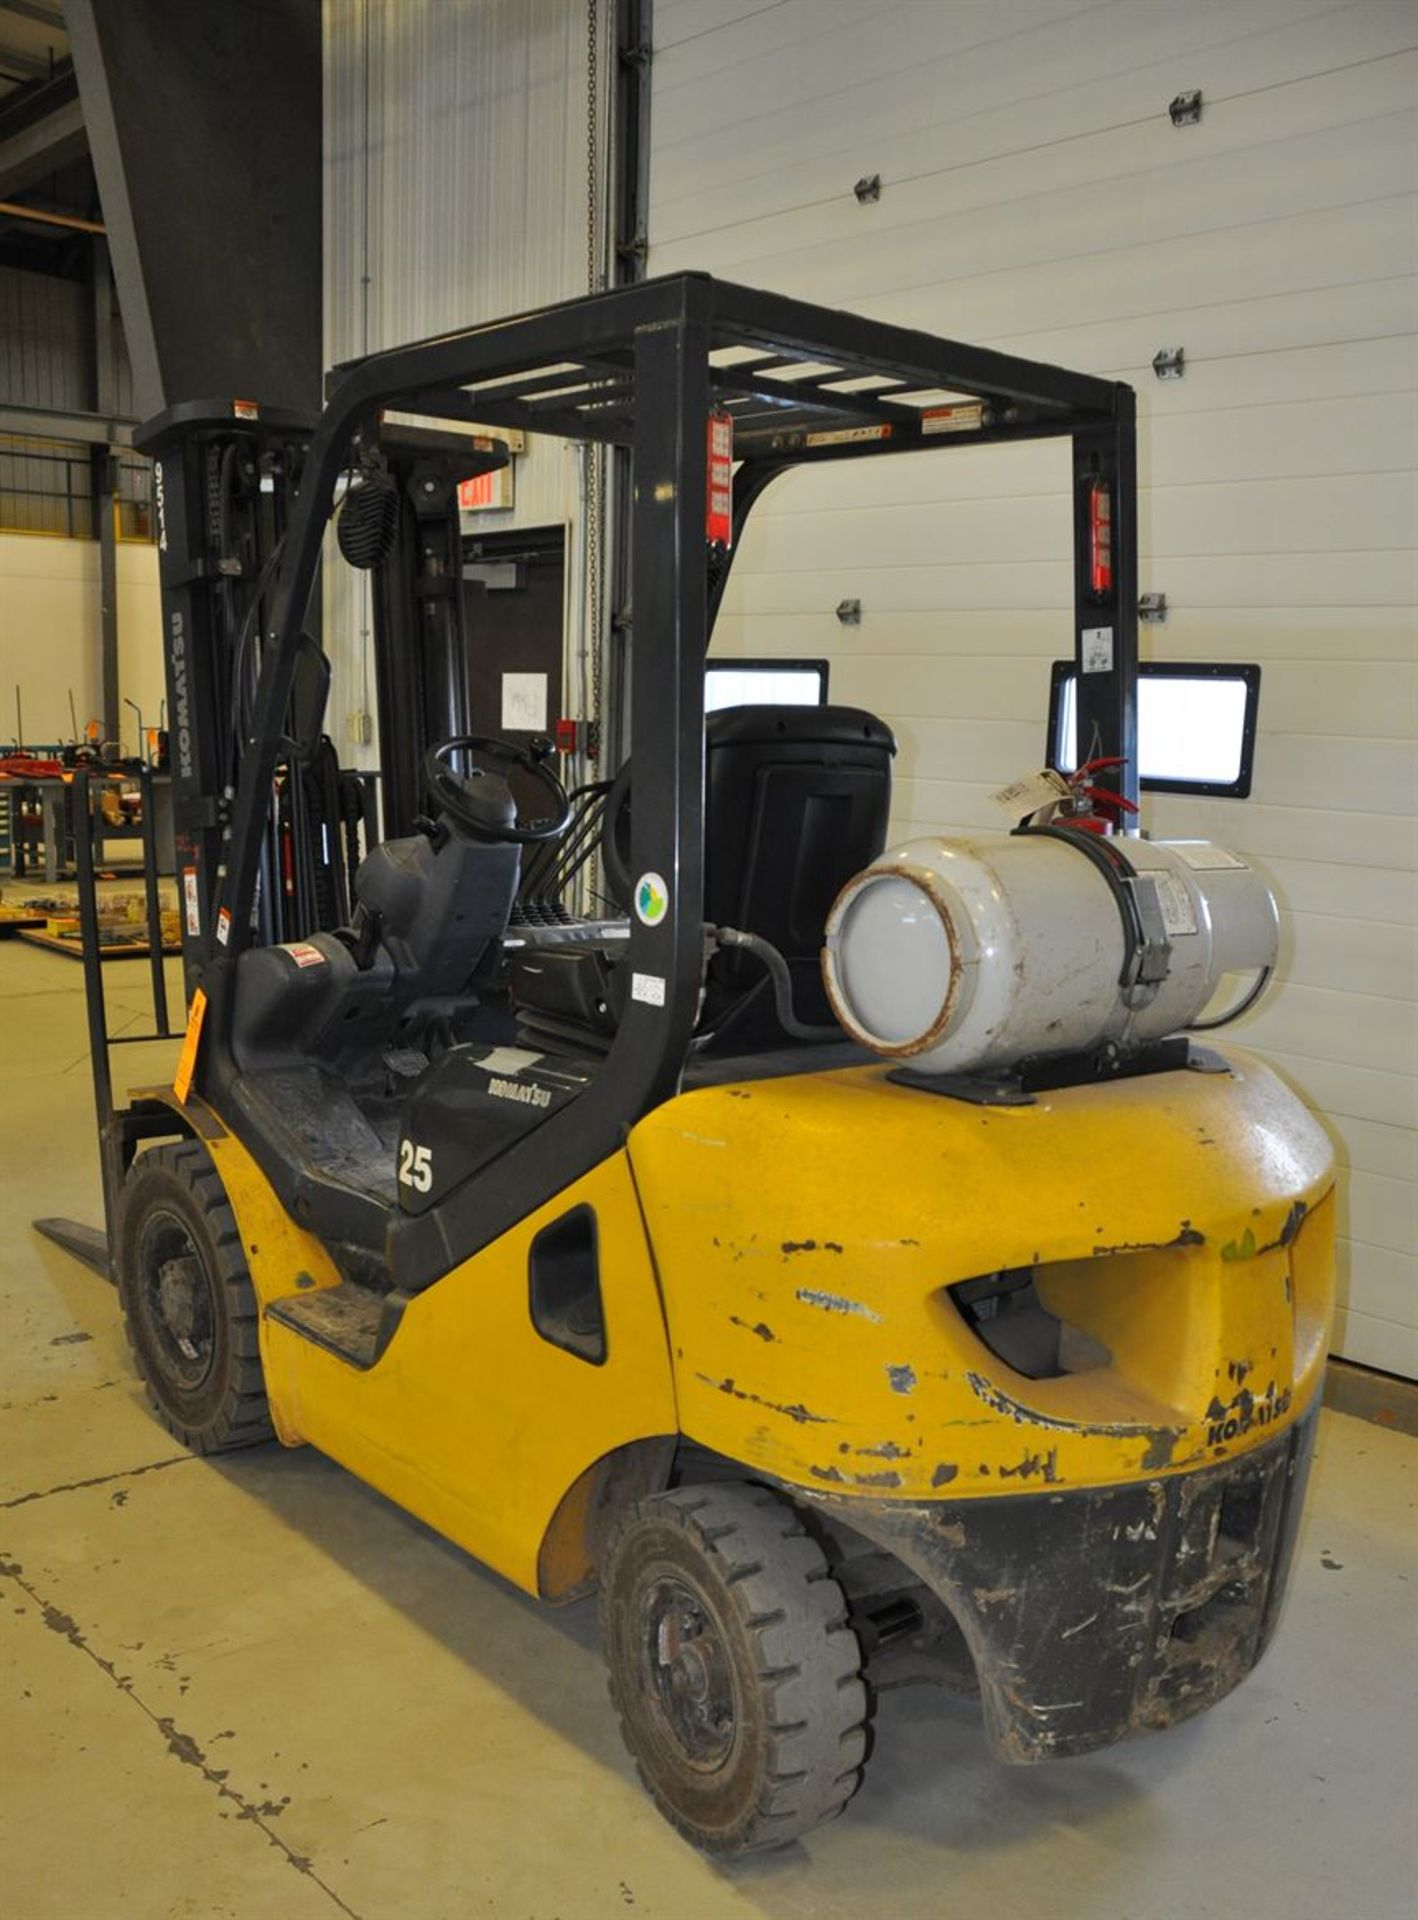 """2012 KOMATSU FG25T-16 8,500 lb. LPG Forklift, s/n A224476, w/ 188"""" Tri-Mast, Side Shifter & Fork - Image 2 of 4"""